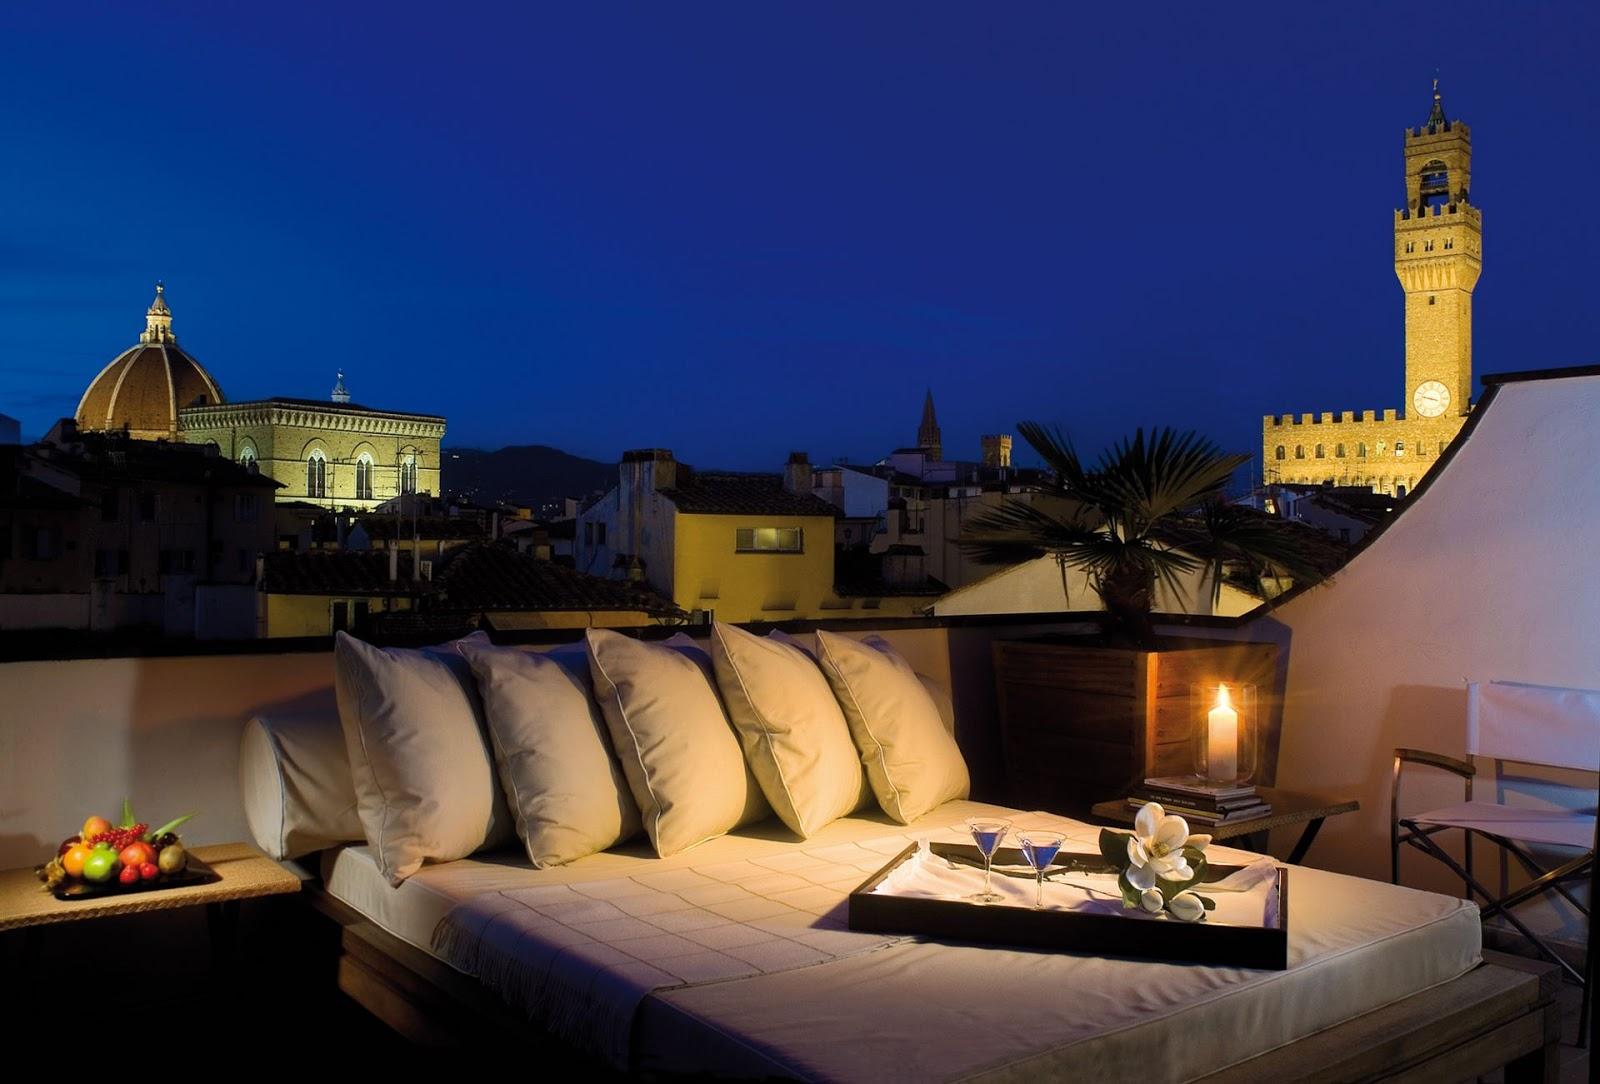 Hotel romantico Firenze